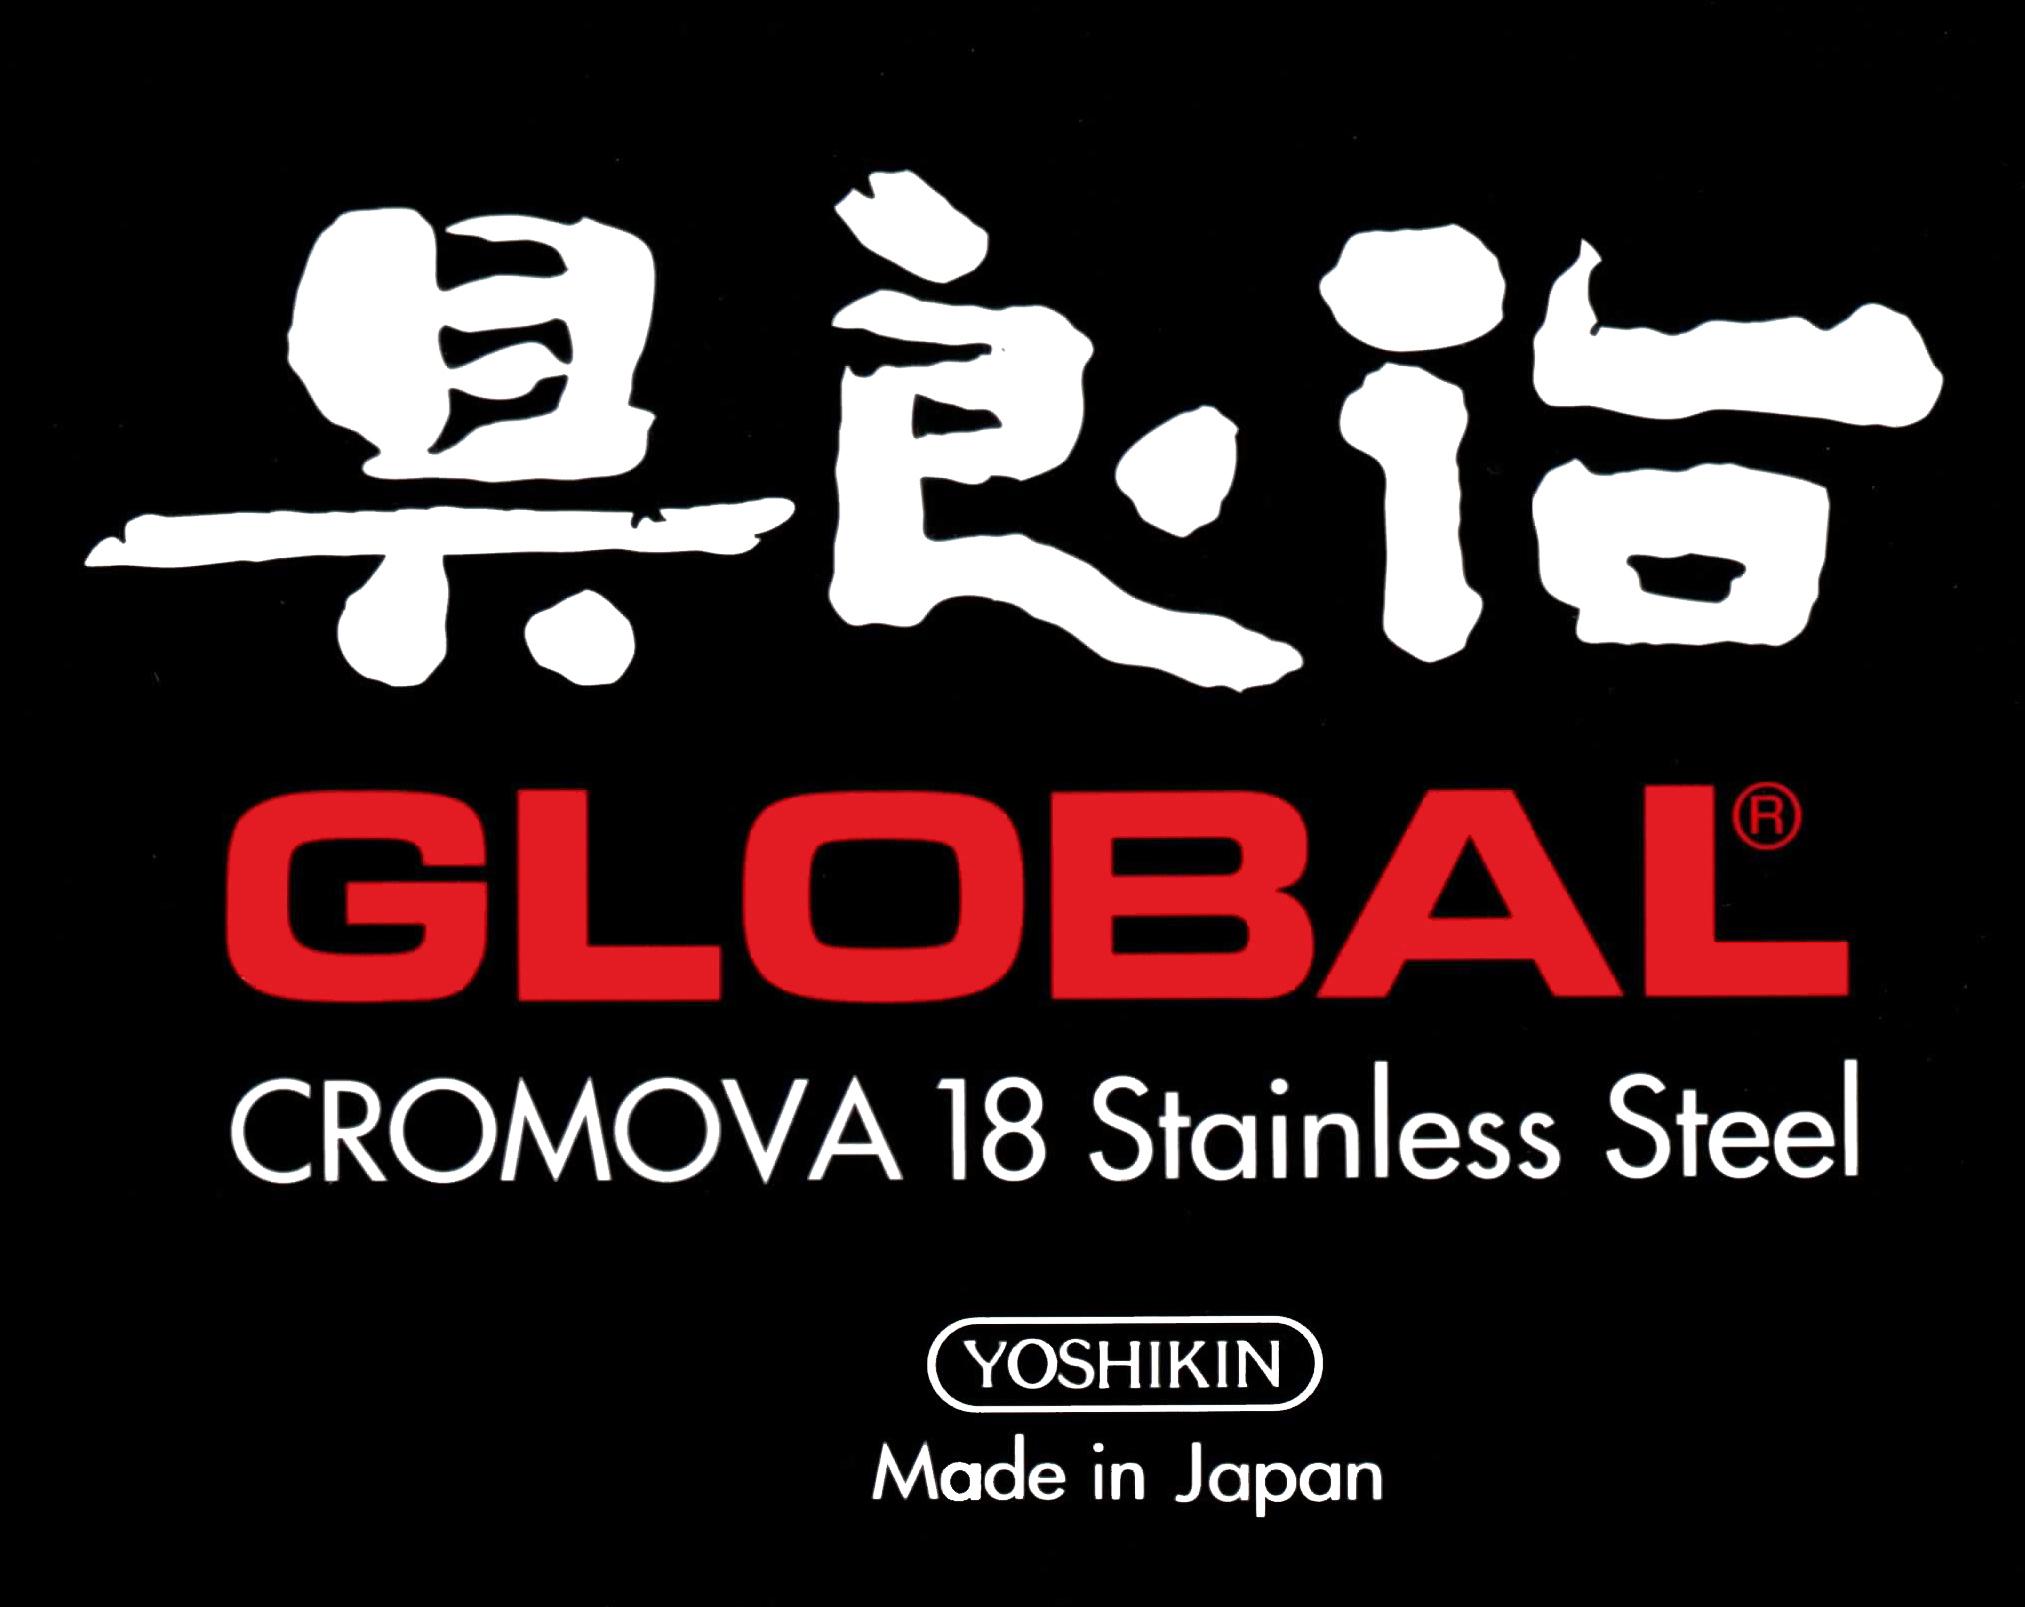 global(3).jpg